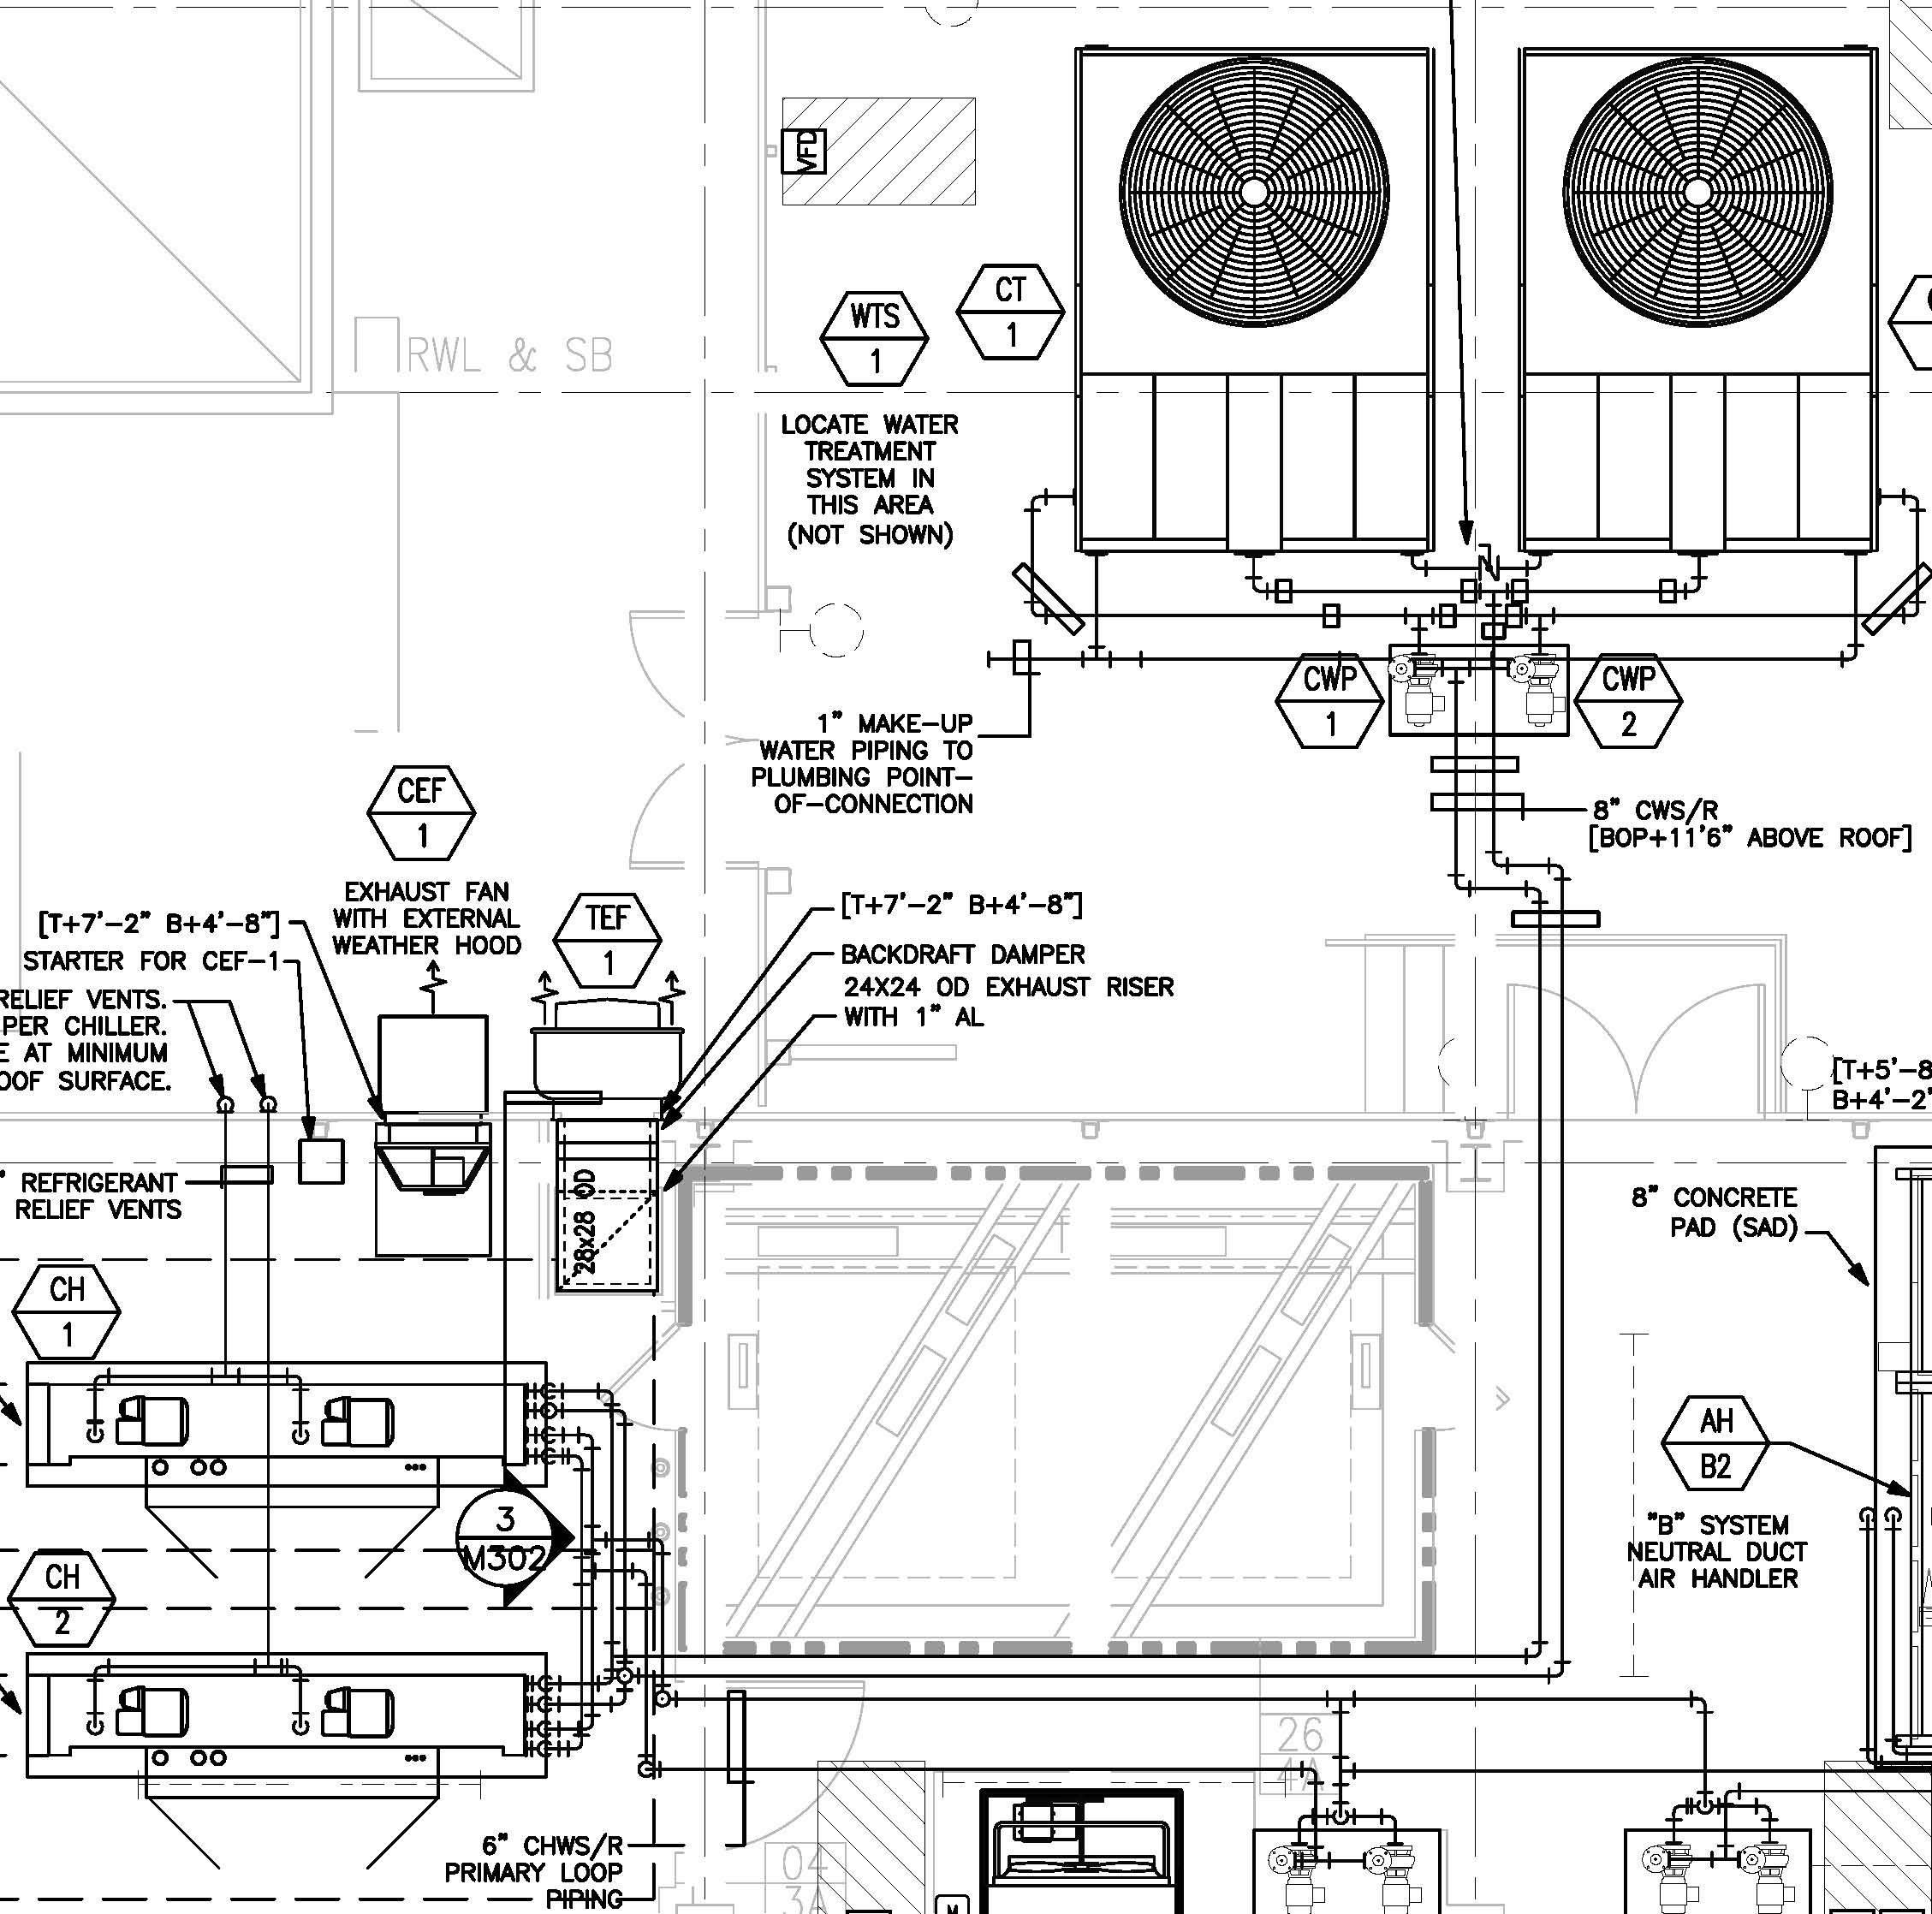 rheem rte 13 wiring diagram - rheem hvac wiring diagram inspirationa rheem  ac wiring diagram refrence